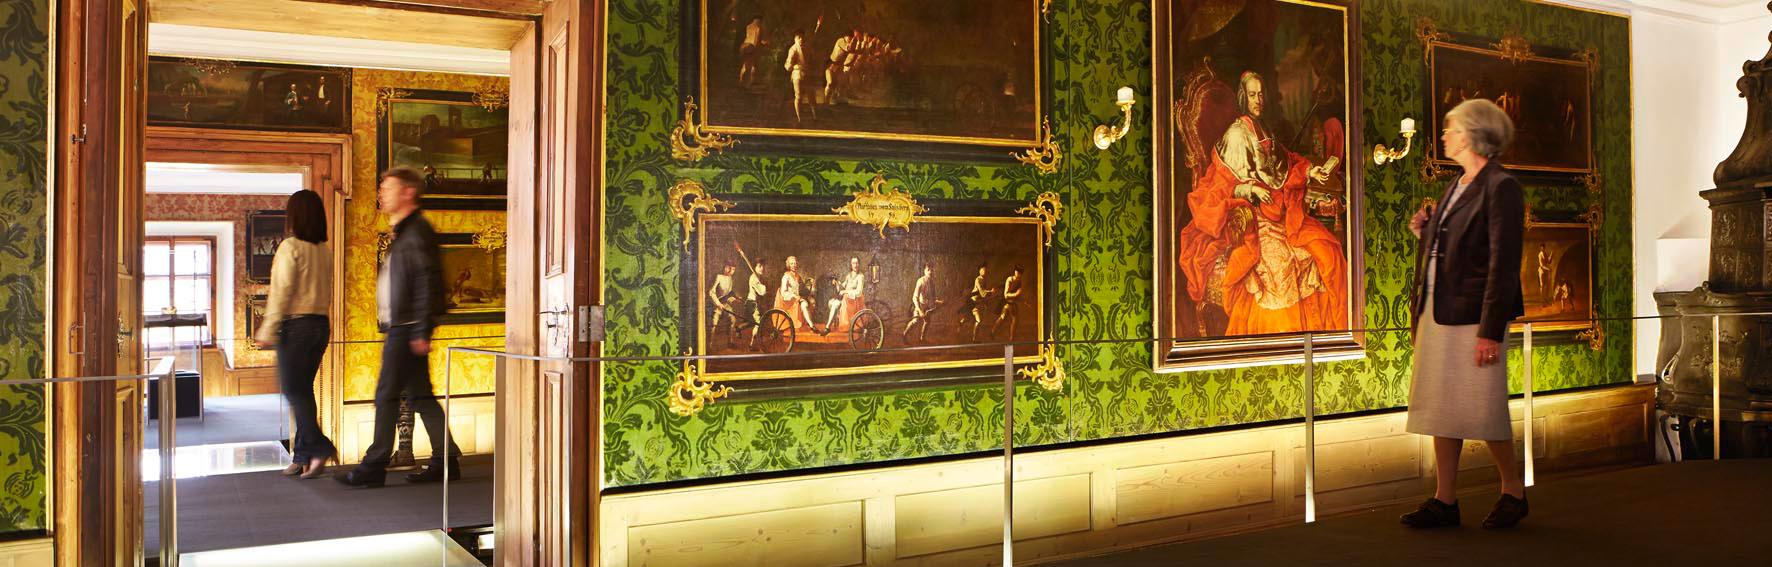 In den Fürstenzimmern im Keltenmuseum Hallein zeigen Gemälde aus dem 18. Jahrhundert Leben und Arbeiten in der Halleiner Salzstadt. © Keltenmuseum Hallein, Foto: Reinhard